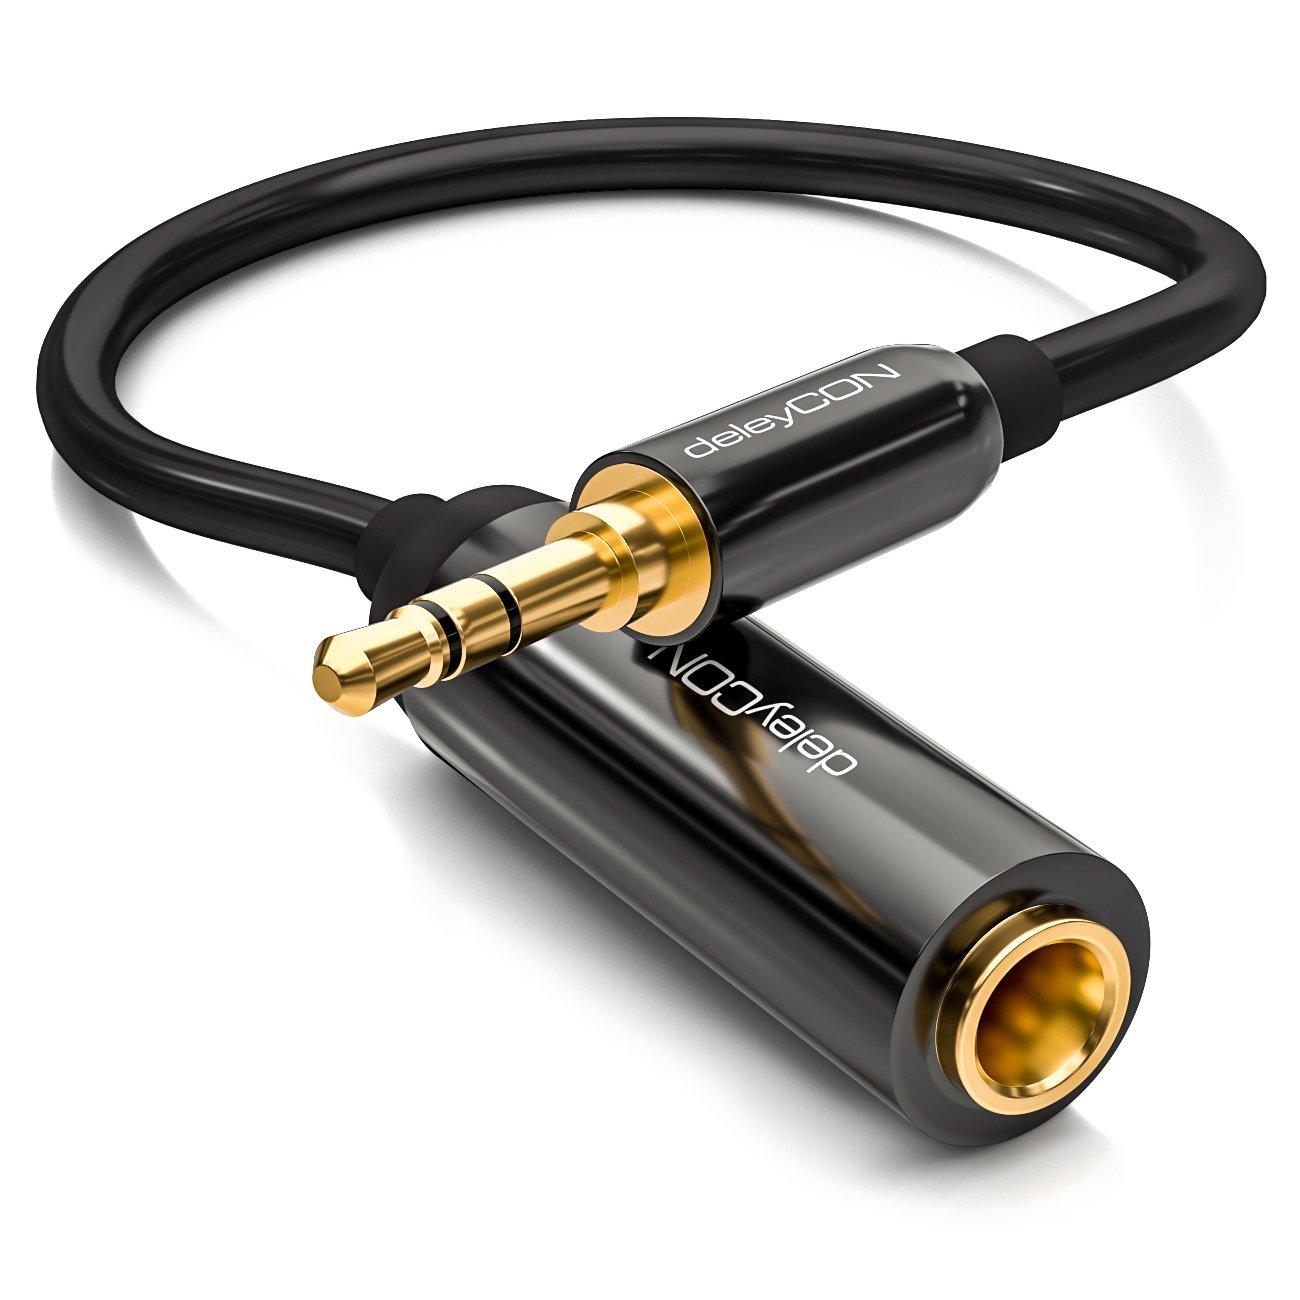 deleyCON 0, 2m cable jack adaptador de audio estéreo – cable jack de 6, 3 mm a cable de vídeo jack de 3, 5mm – conector / cable de vídeo – negro 2m cable jack adaptador de audio estéreo - cable jack de 6 MK1158